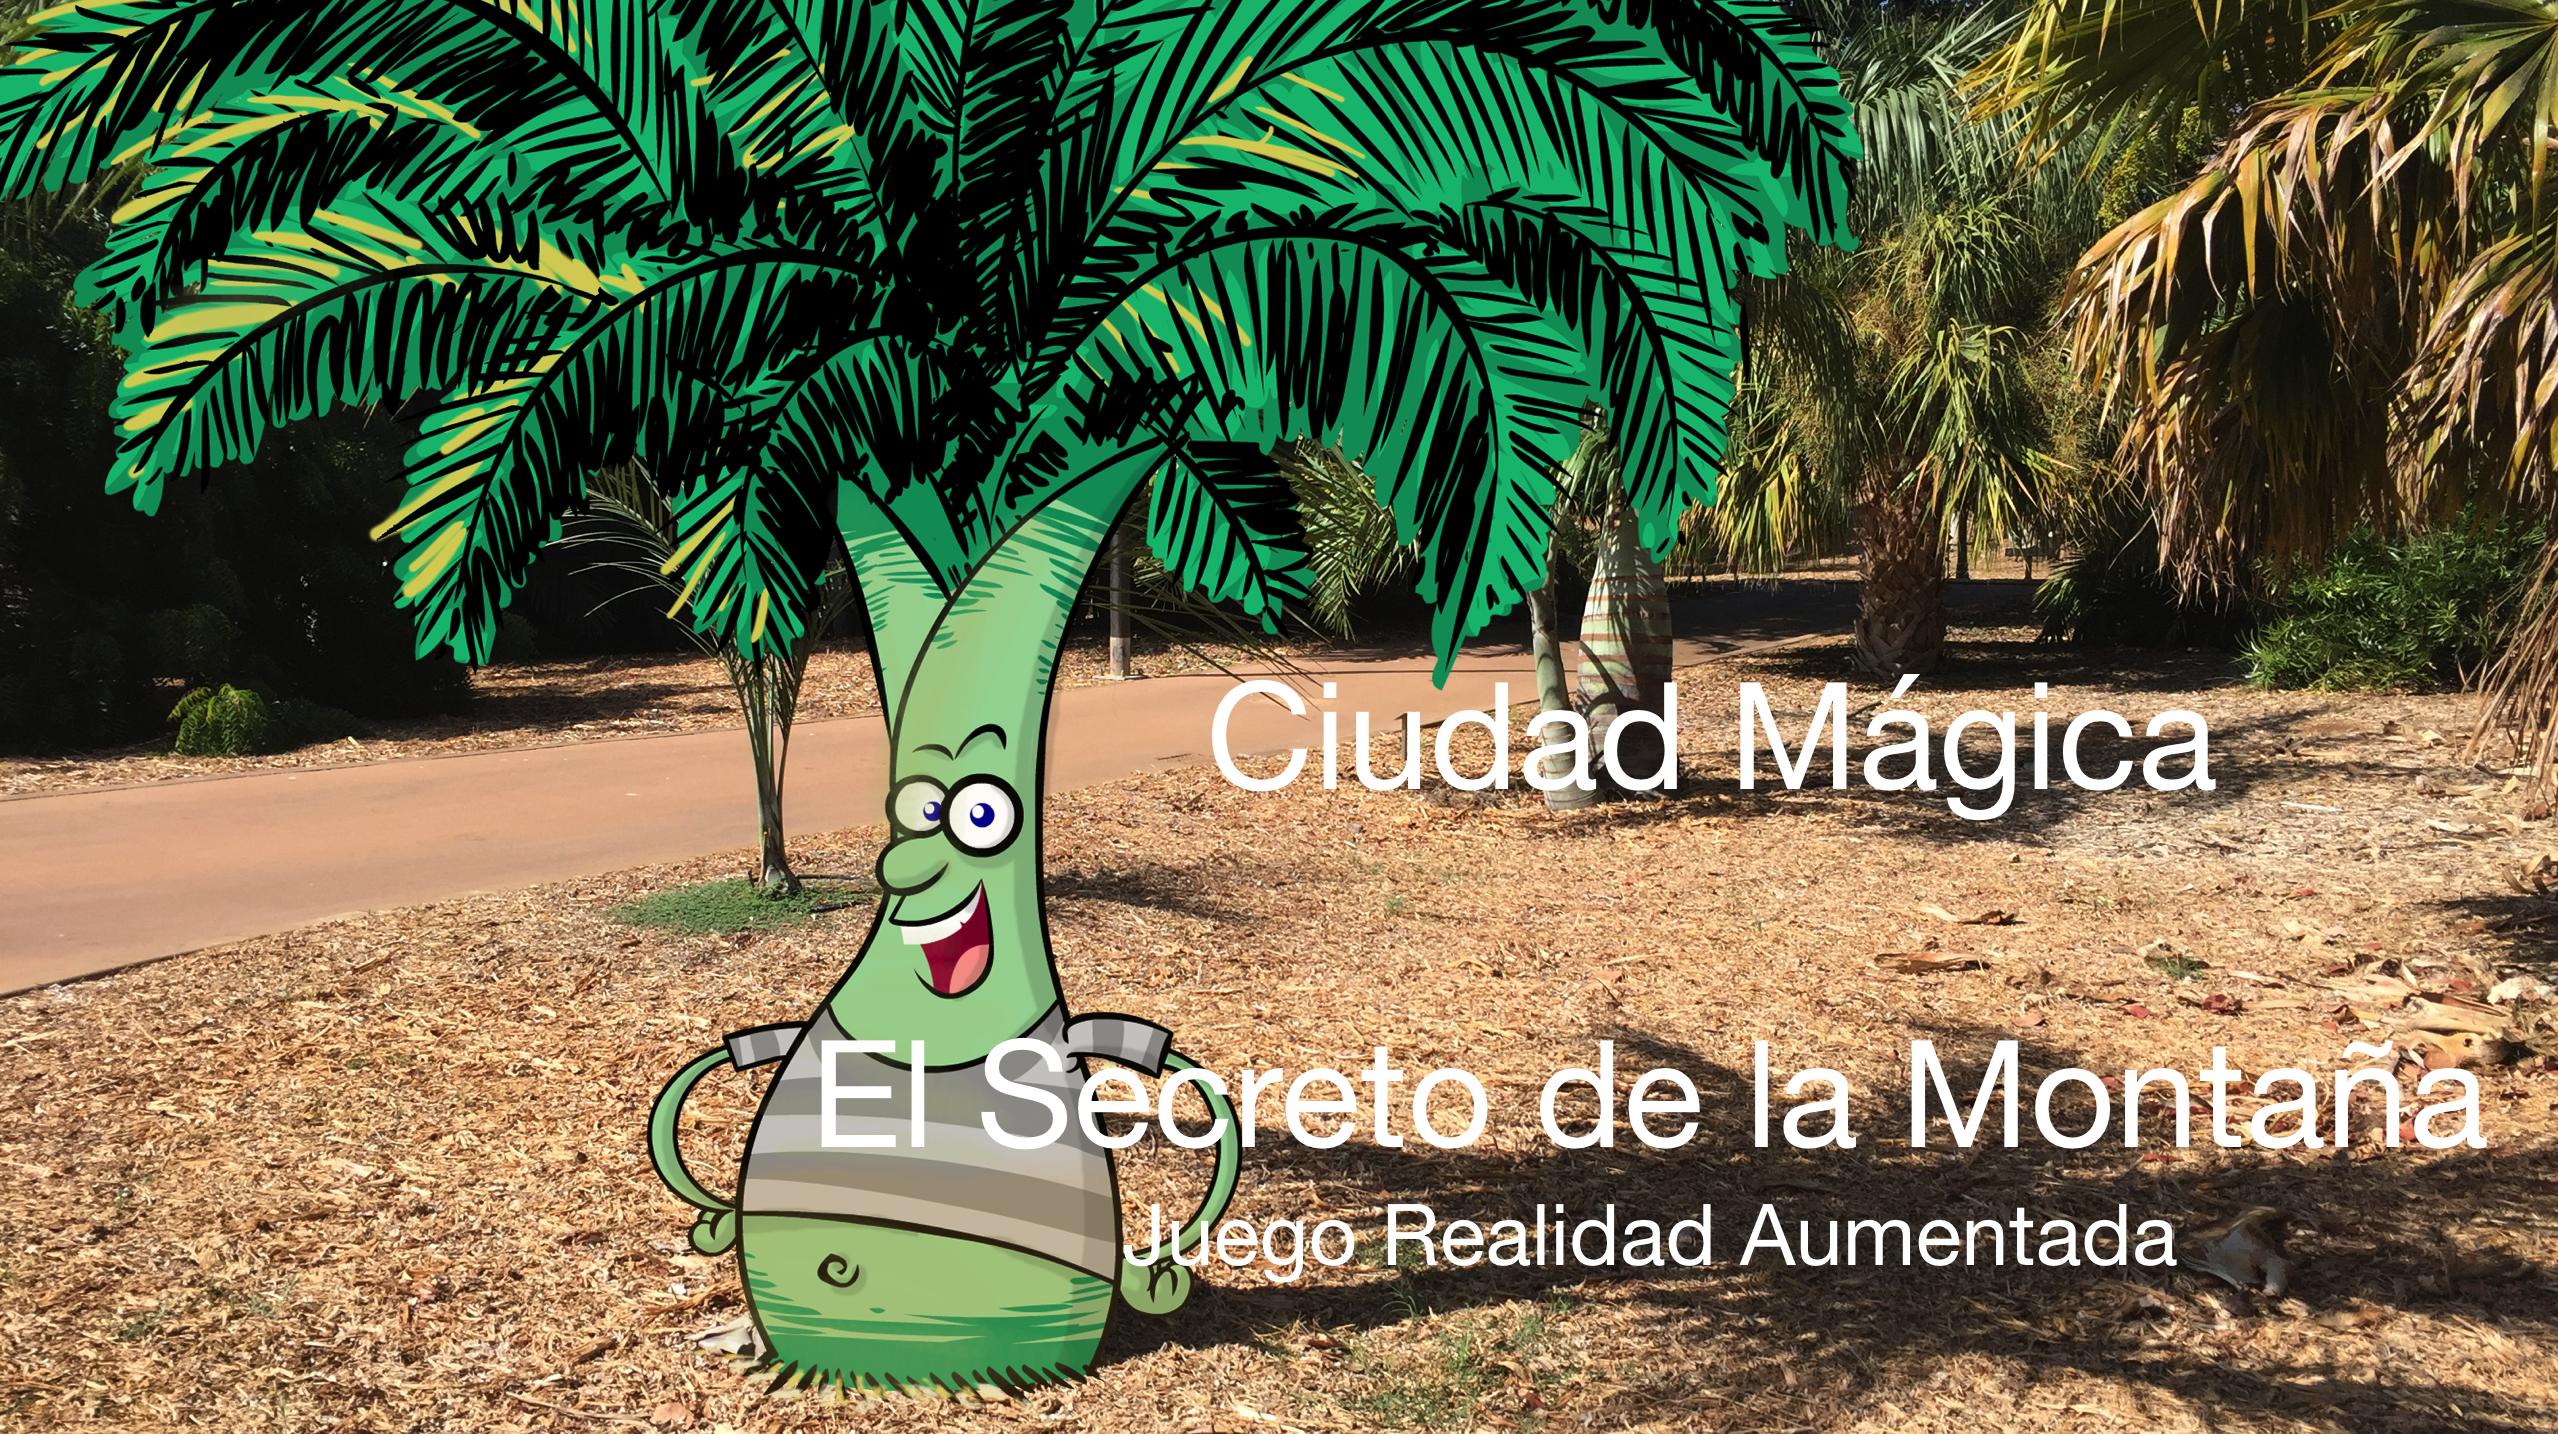 Ciudad_Mágica_Realidad_Aumentada